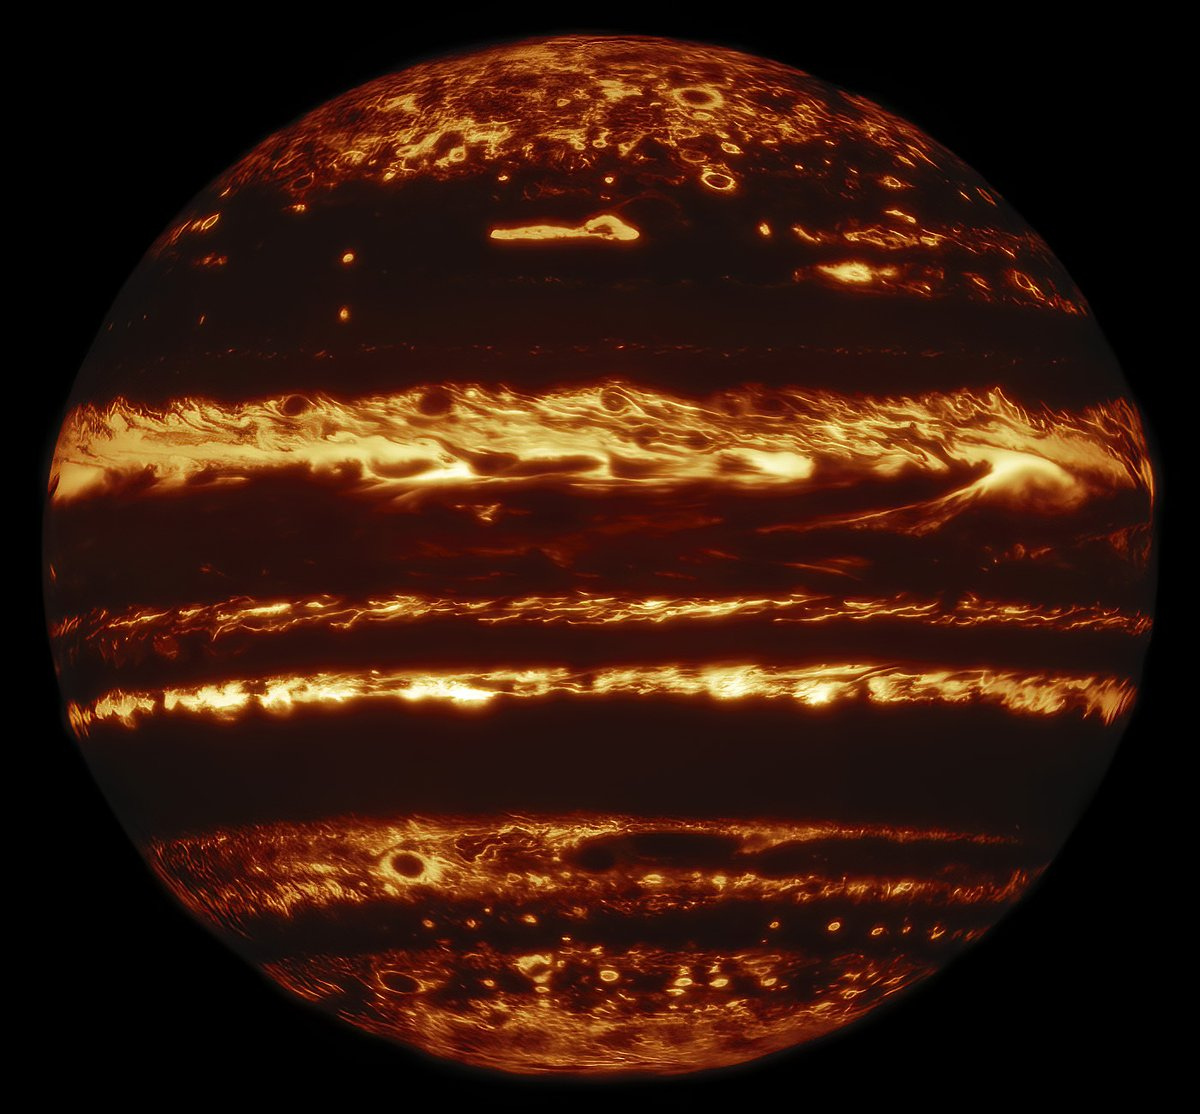 Jupiter_en_IR.jpg.695527e6527cd76a7cfd532455e797a7.jpg